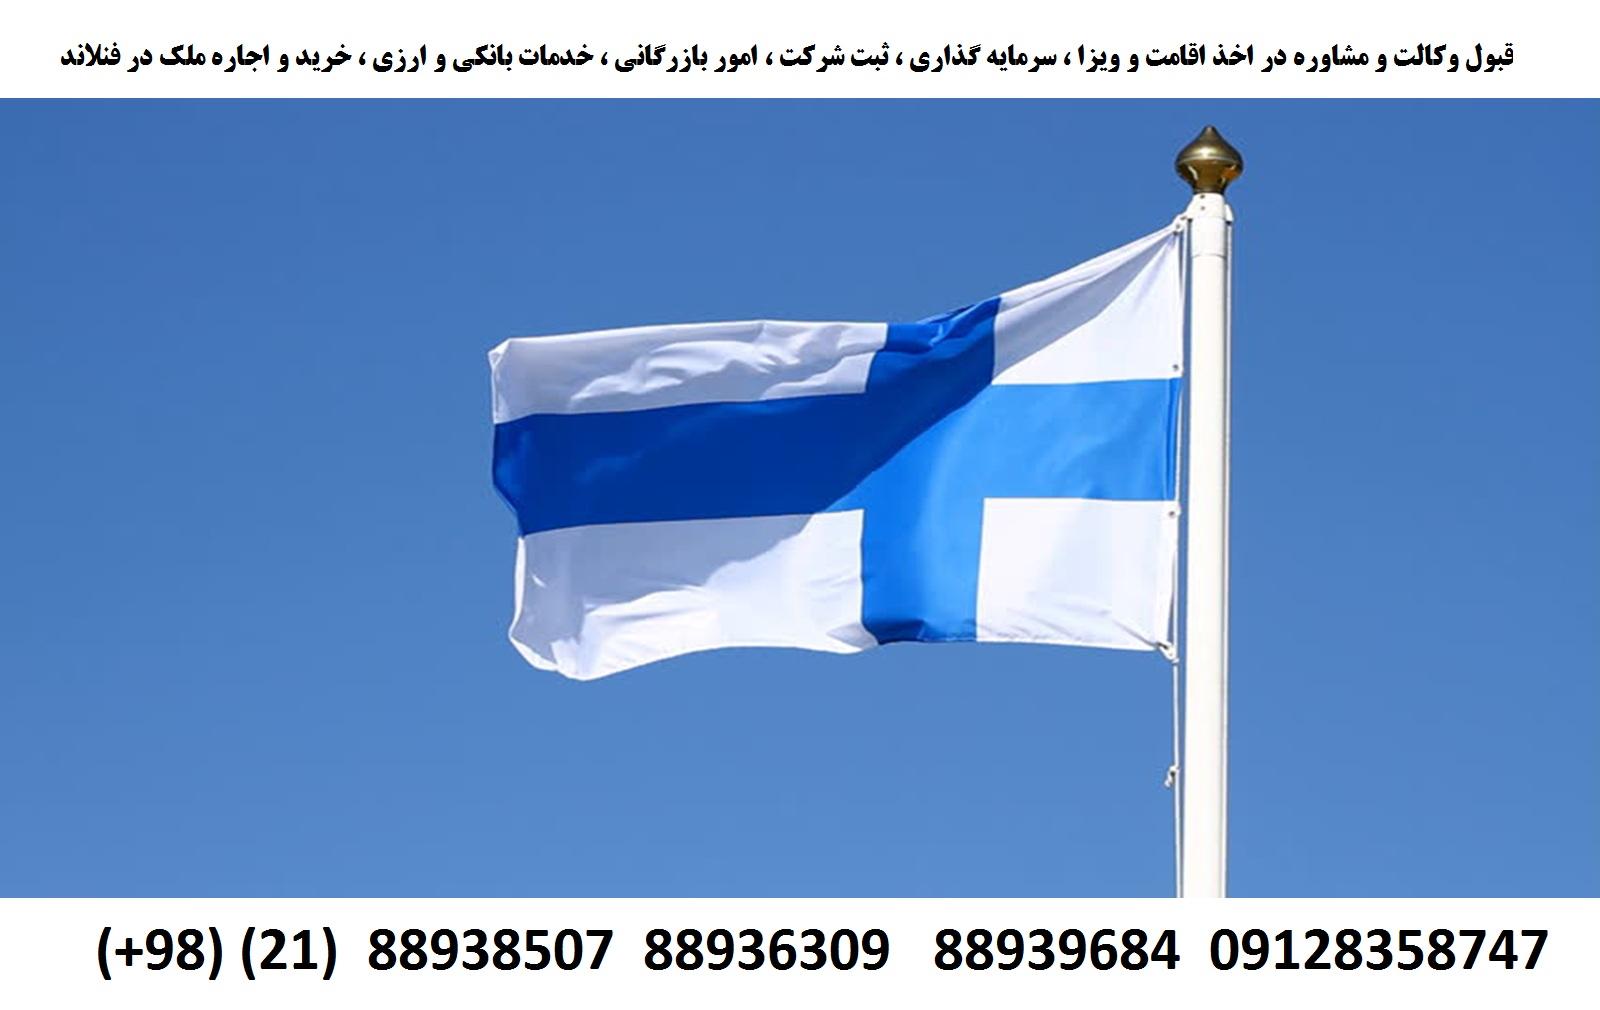 اقامت ، اخذ ویزا ، ثبت شرکت ، سرمایه گذاری در فنلاند (2)